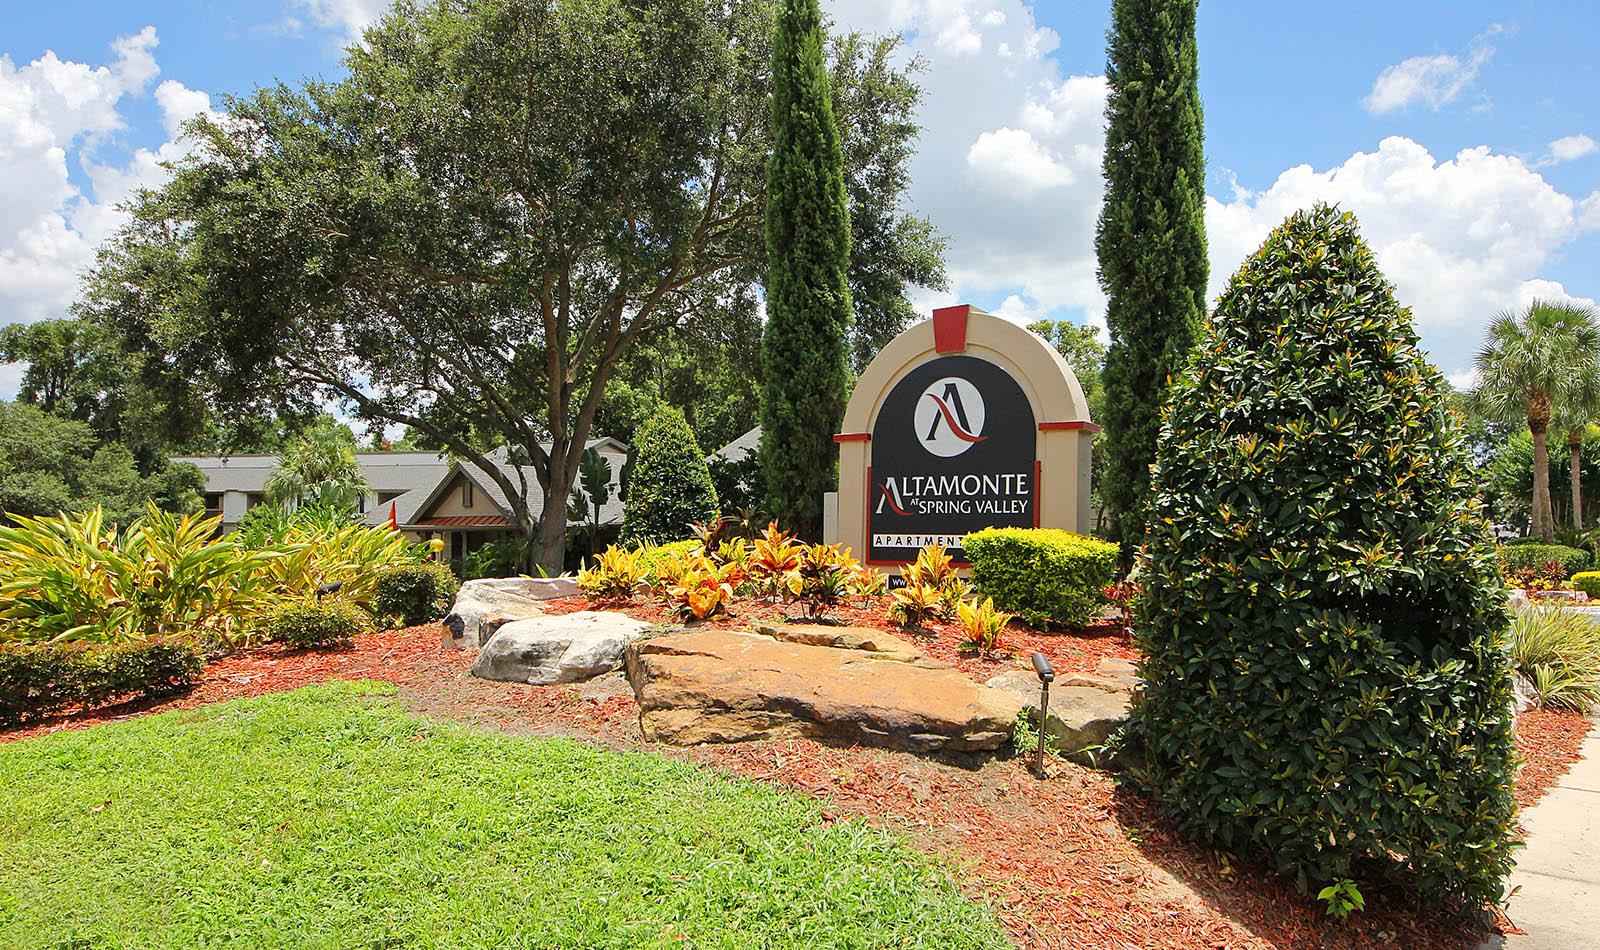 Landscaped Signage at Altamonte at Spring Valley in Altamonte Springs, FL